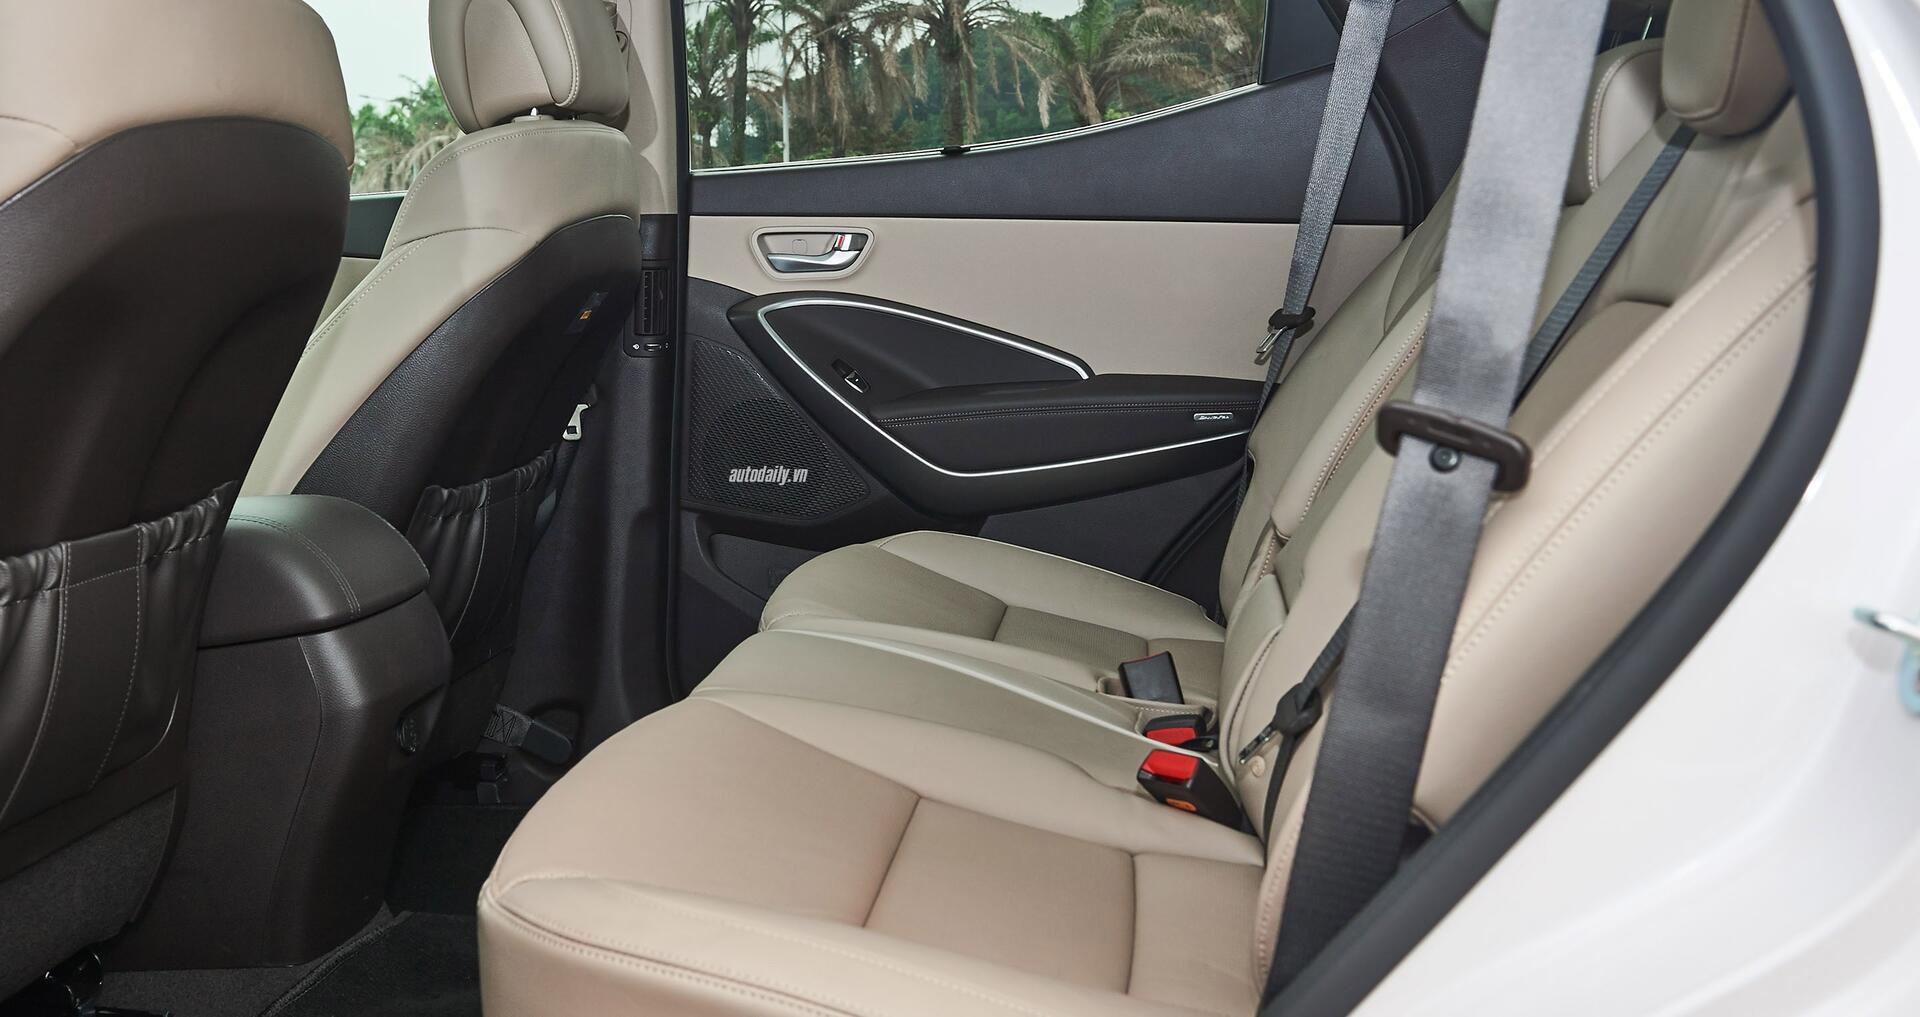 Đánh giá ban đầu về Hyundai SantaFe 2016 phiên bản máy dầu - Hình 8